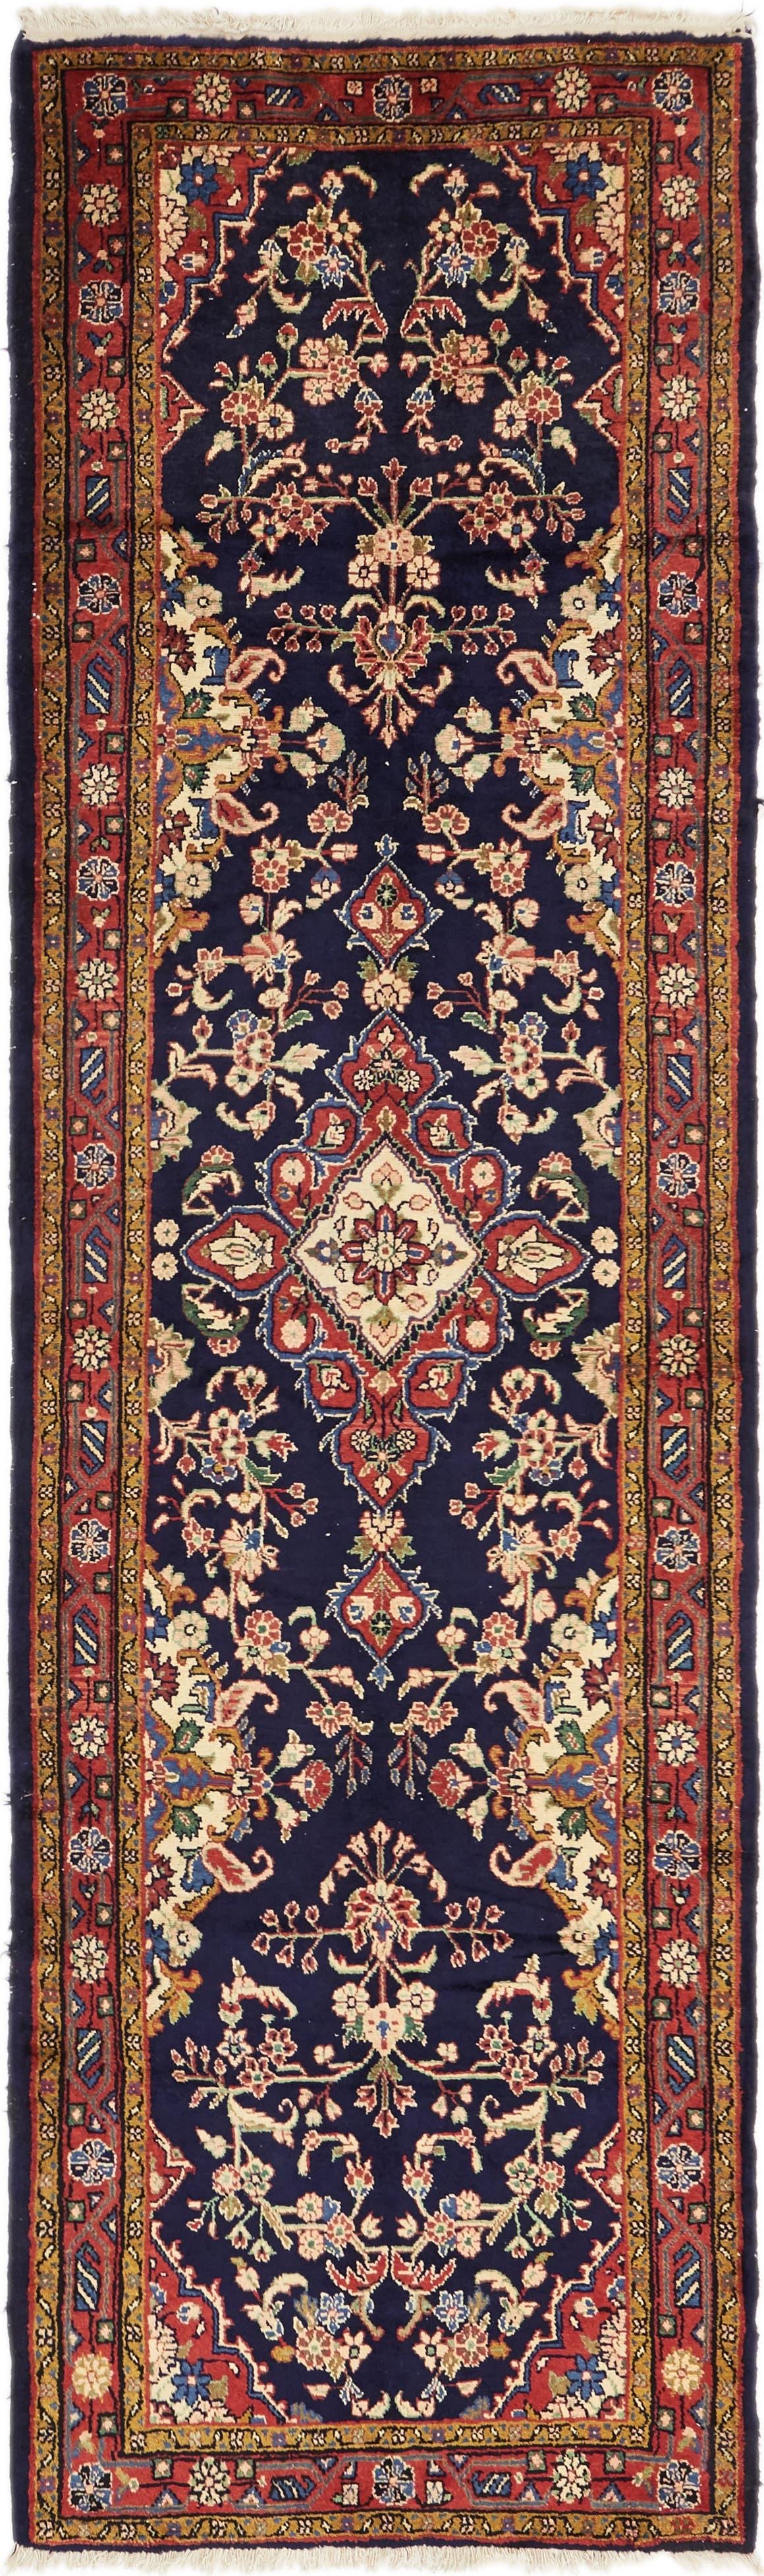 3' 5 x 12' 4 Borchelu Persian Runner Rug main image